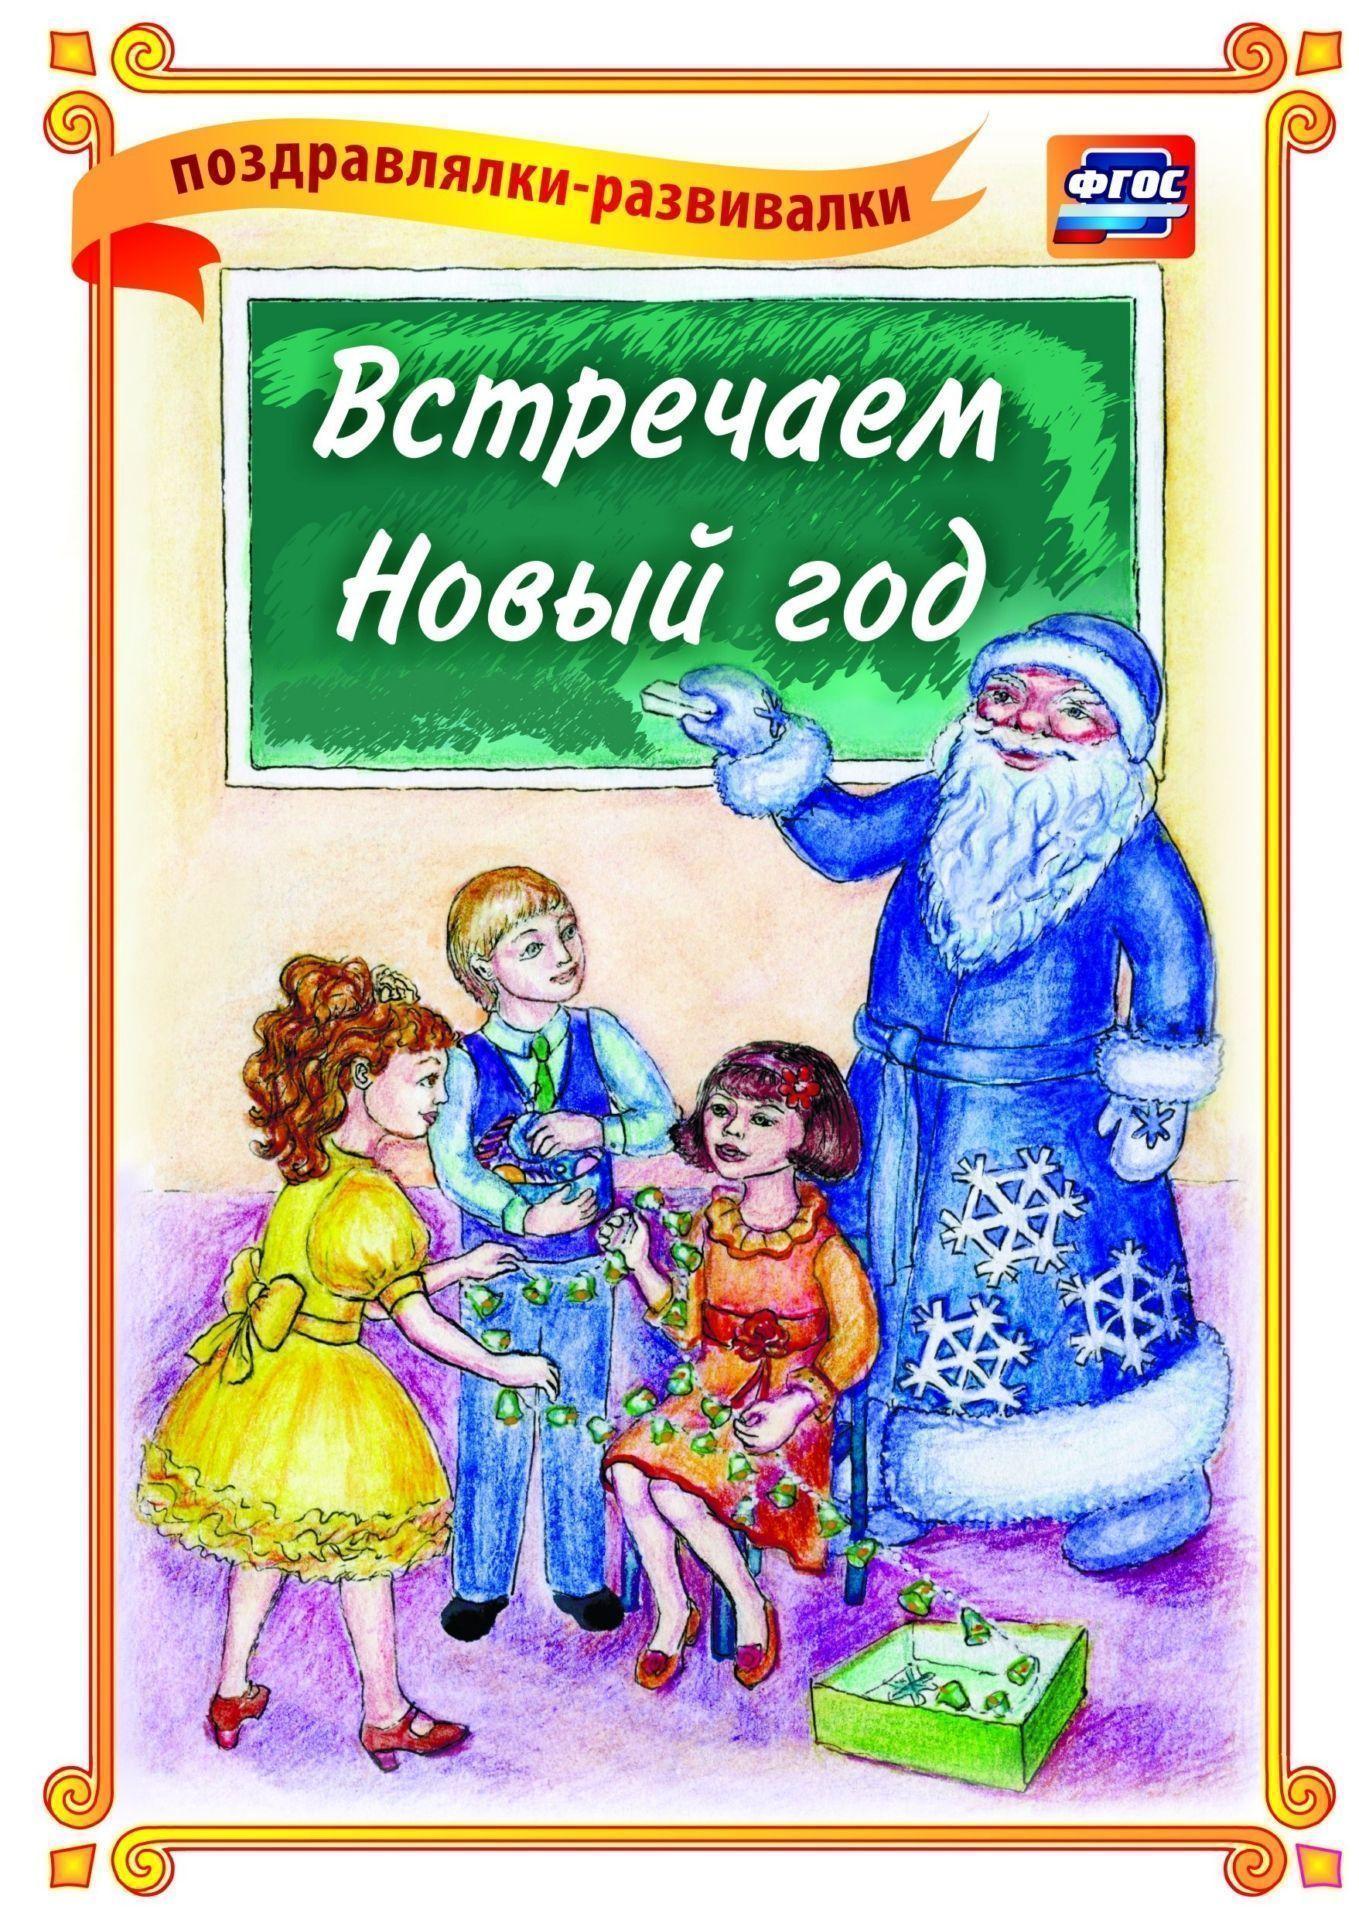 Встречаем Новый год! (поздравлялка-развивалка): (Формат А4, 1 сгиб, бумага мелованная матовая пл. 250)